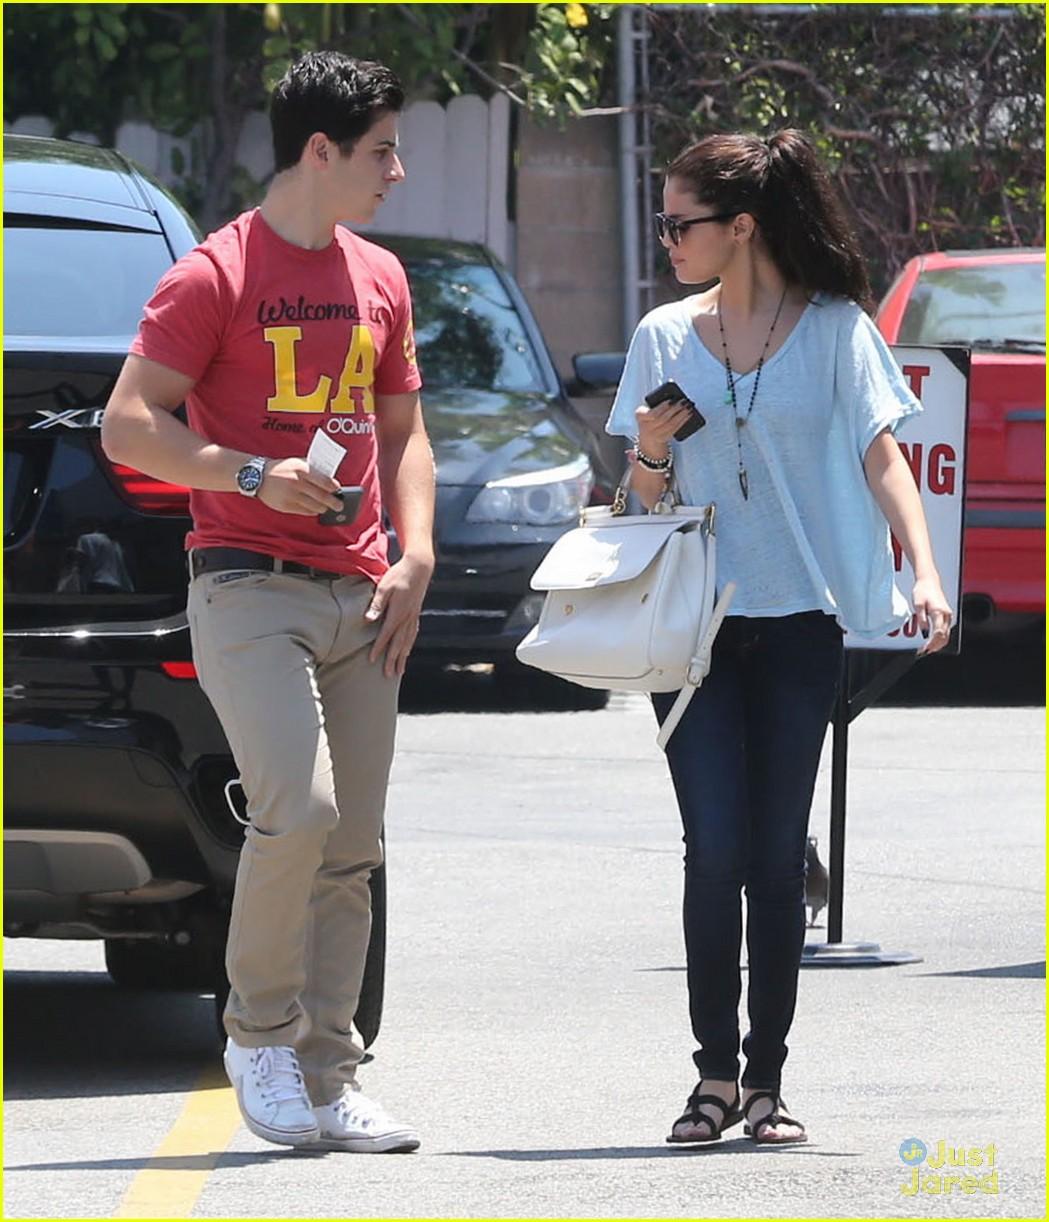 Selena Gomez And David Henrie Dating 2013 Selena Gomez & Dav...